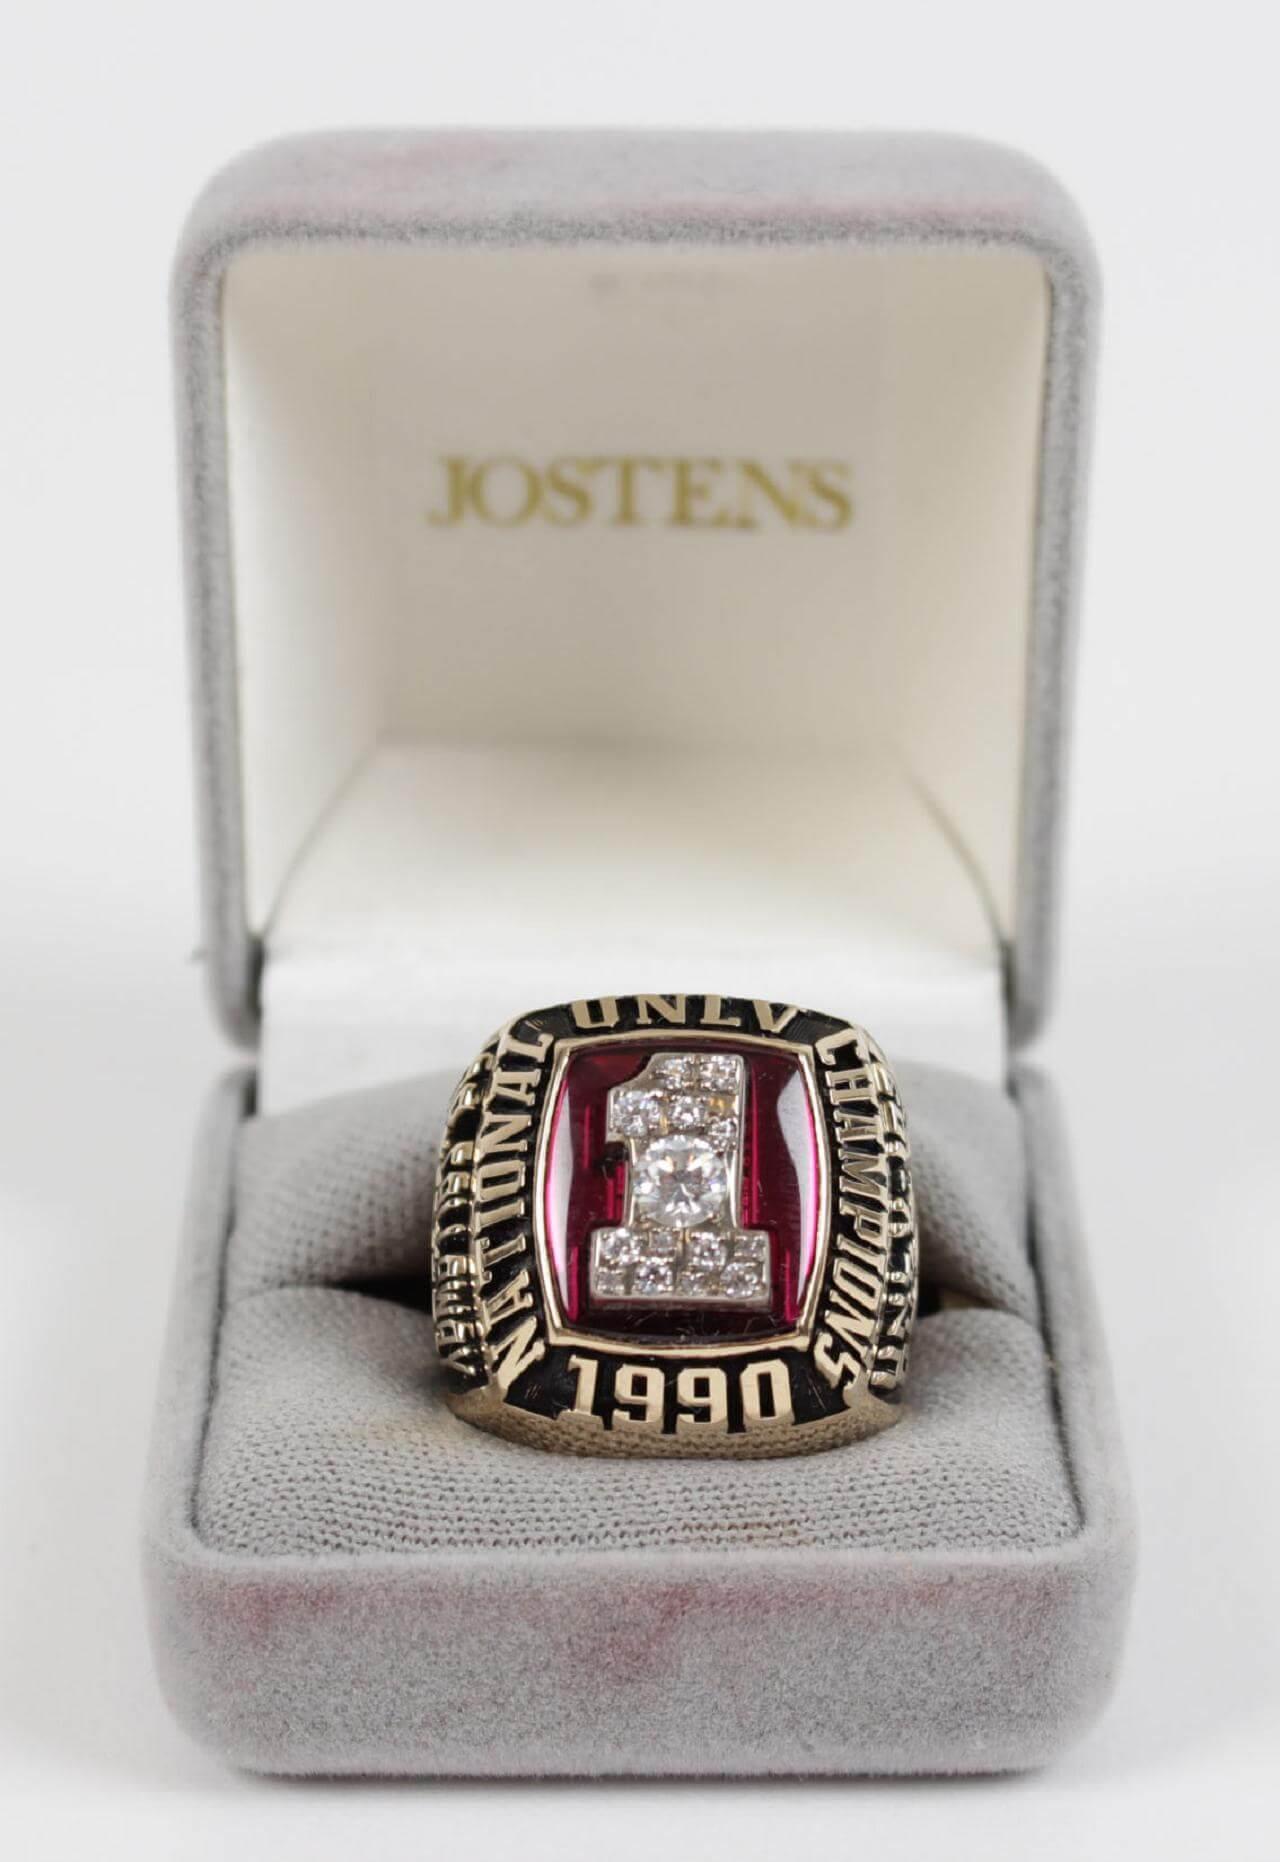 1990 UNLV National Championship Ring -Jostens Original Box-Original from Team Doctor